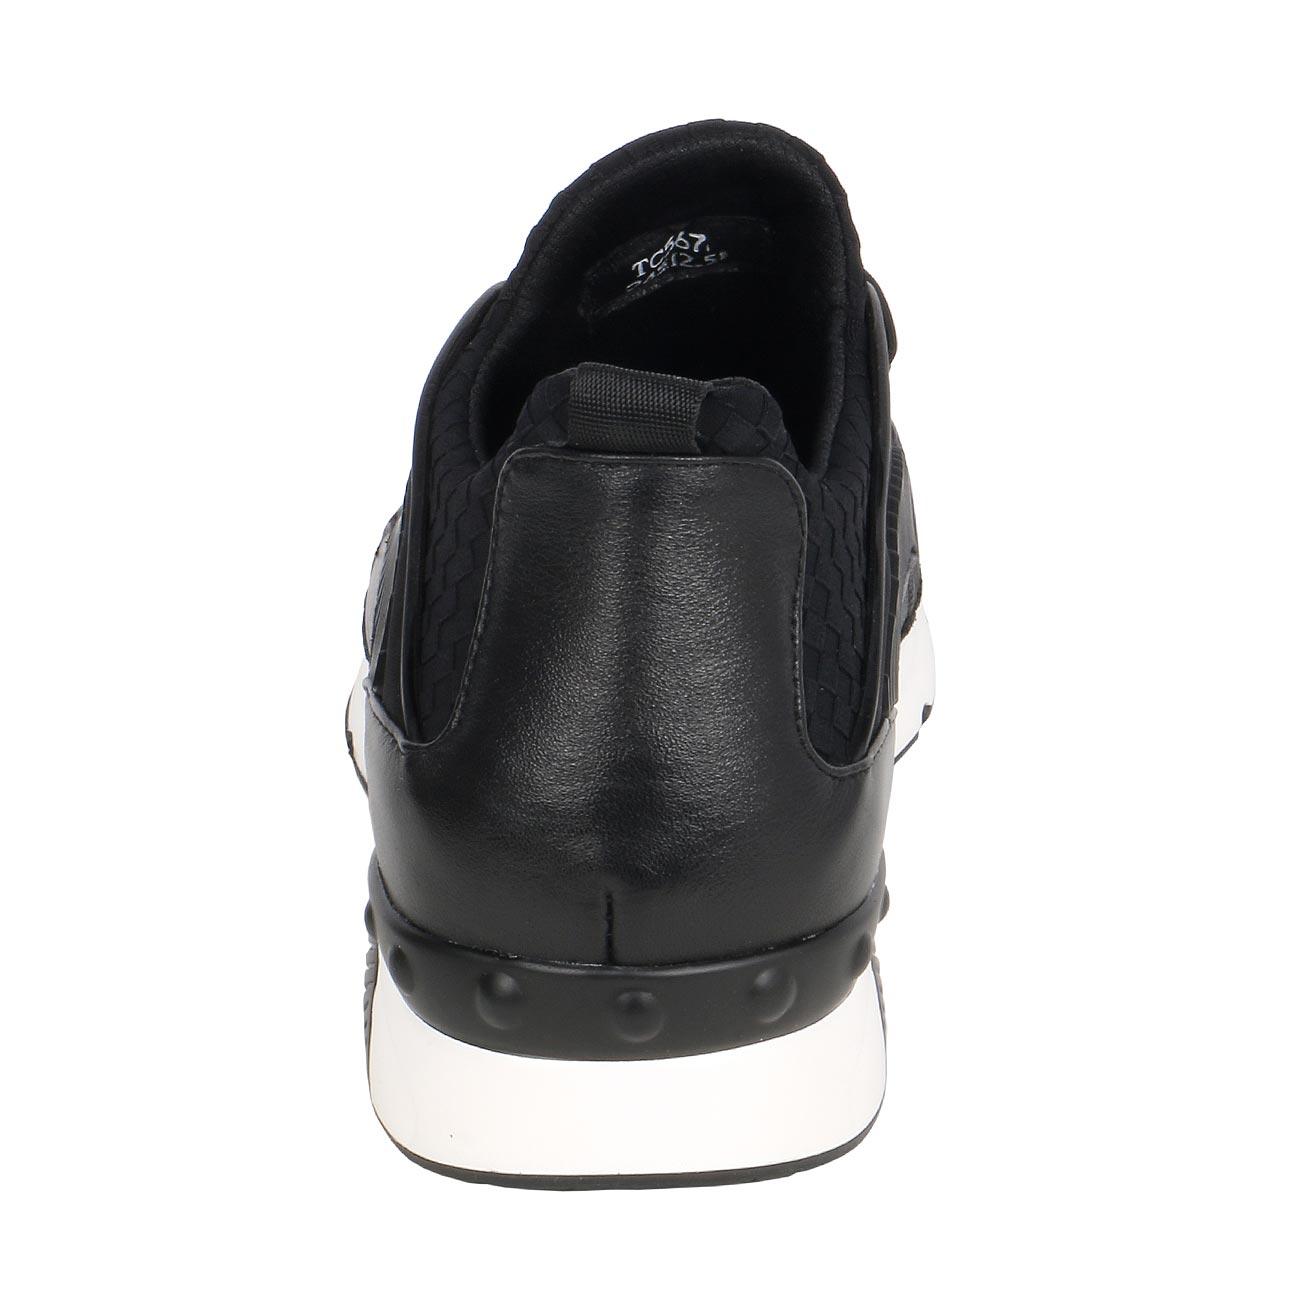 Men's Outdoor Tennis Shoe Adding Height-3